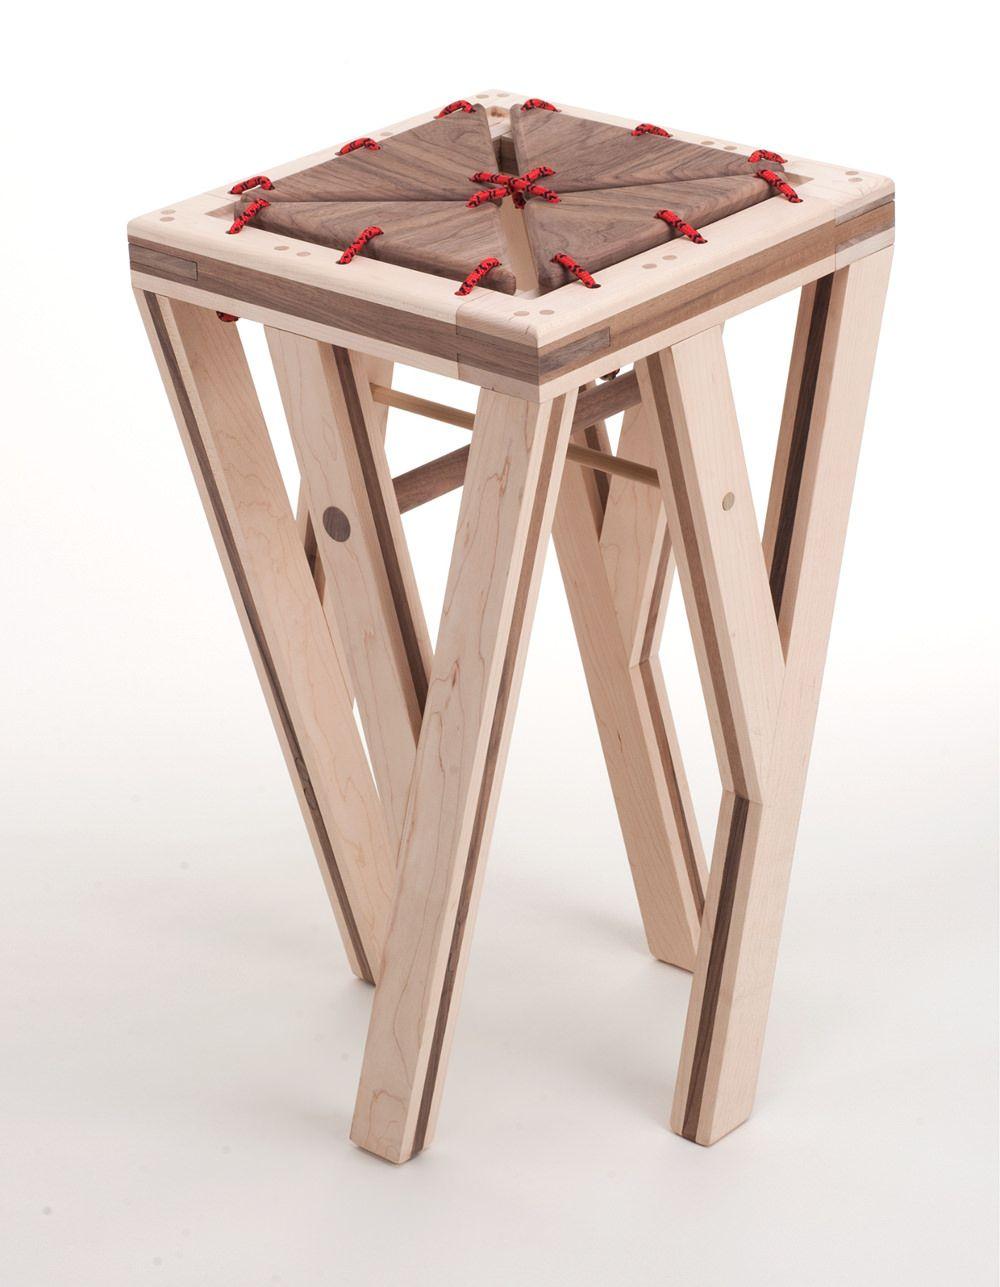 timber tabouret souple de bois par greg howe | rempaillage